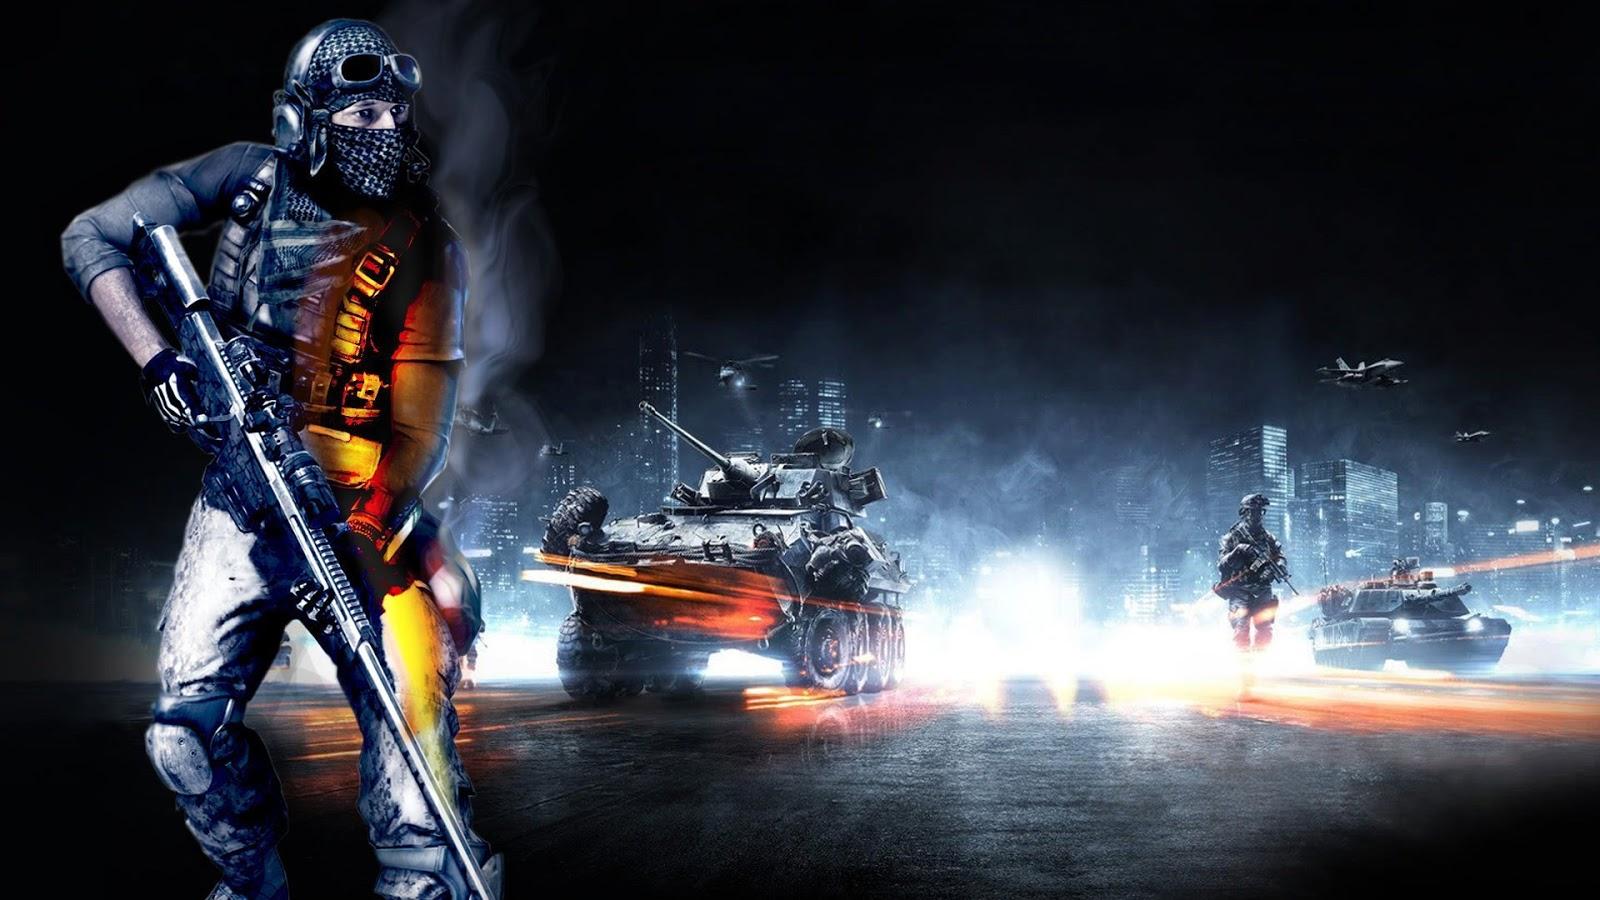 Battlefield 3 Recon Full HD Desktop Wallpapers 1080p 1600x900